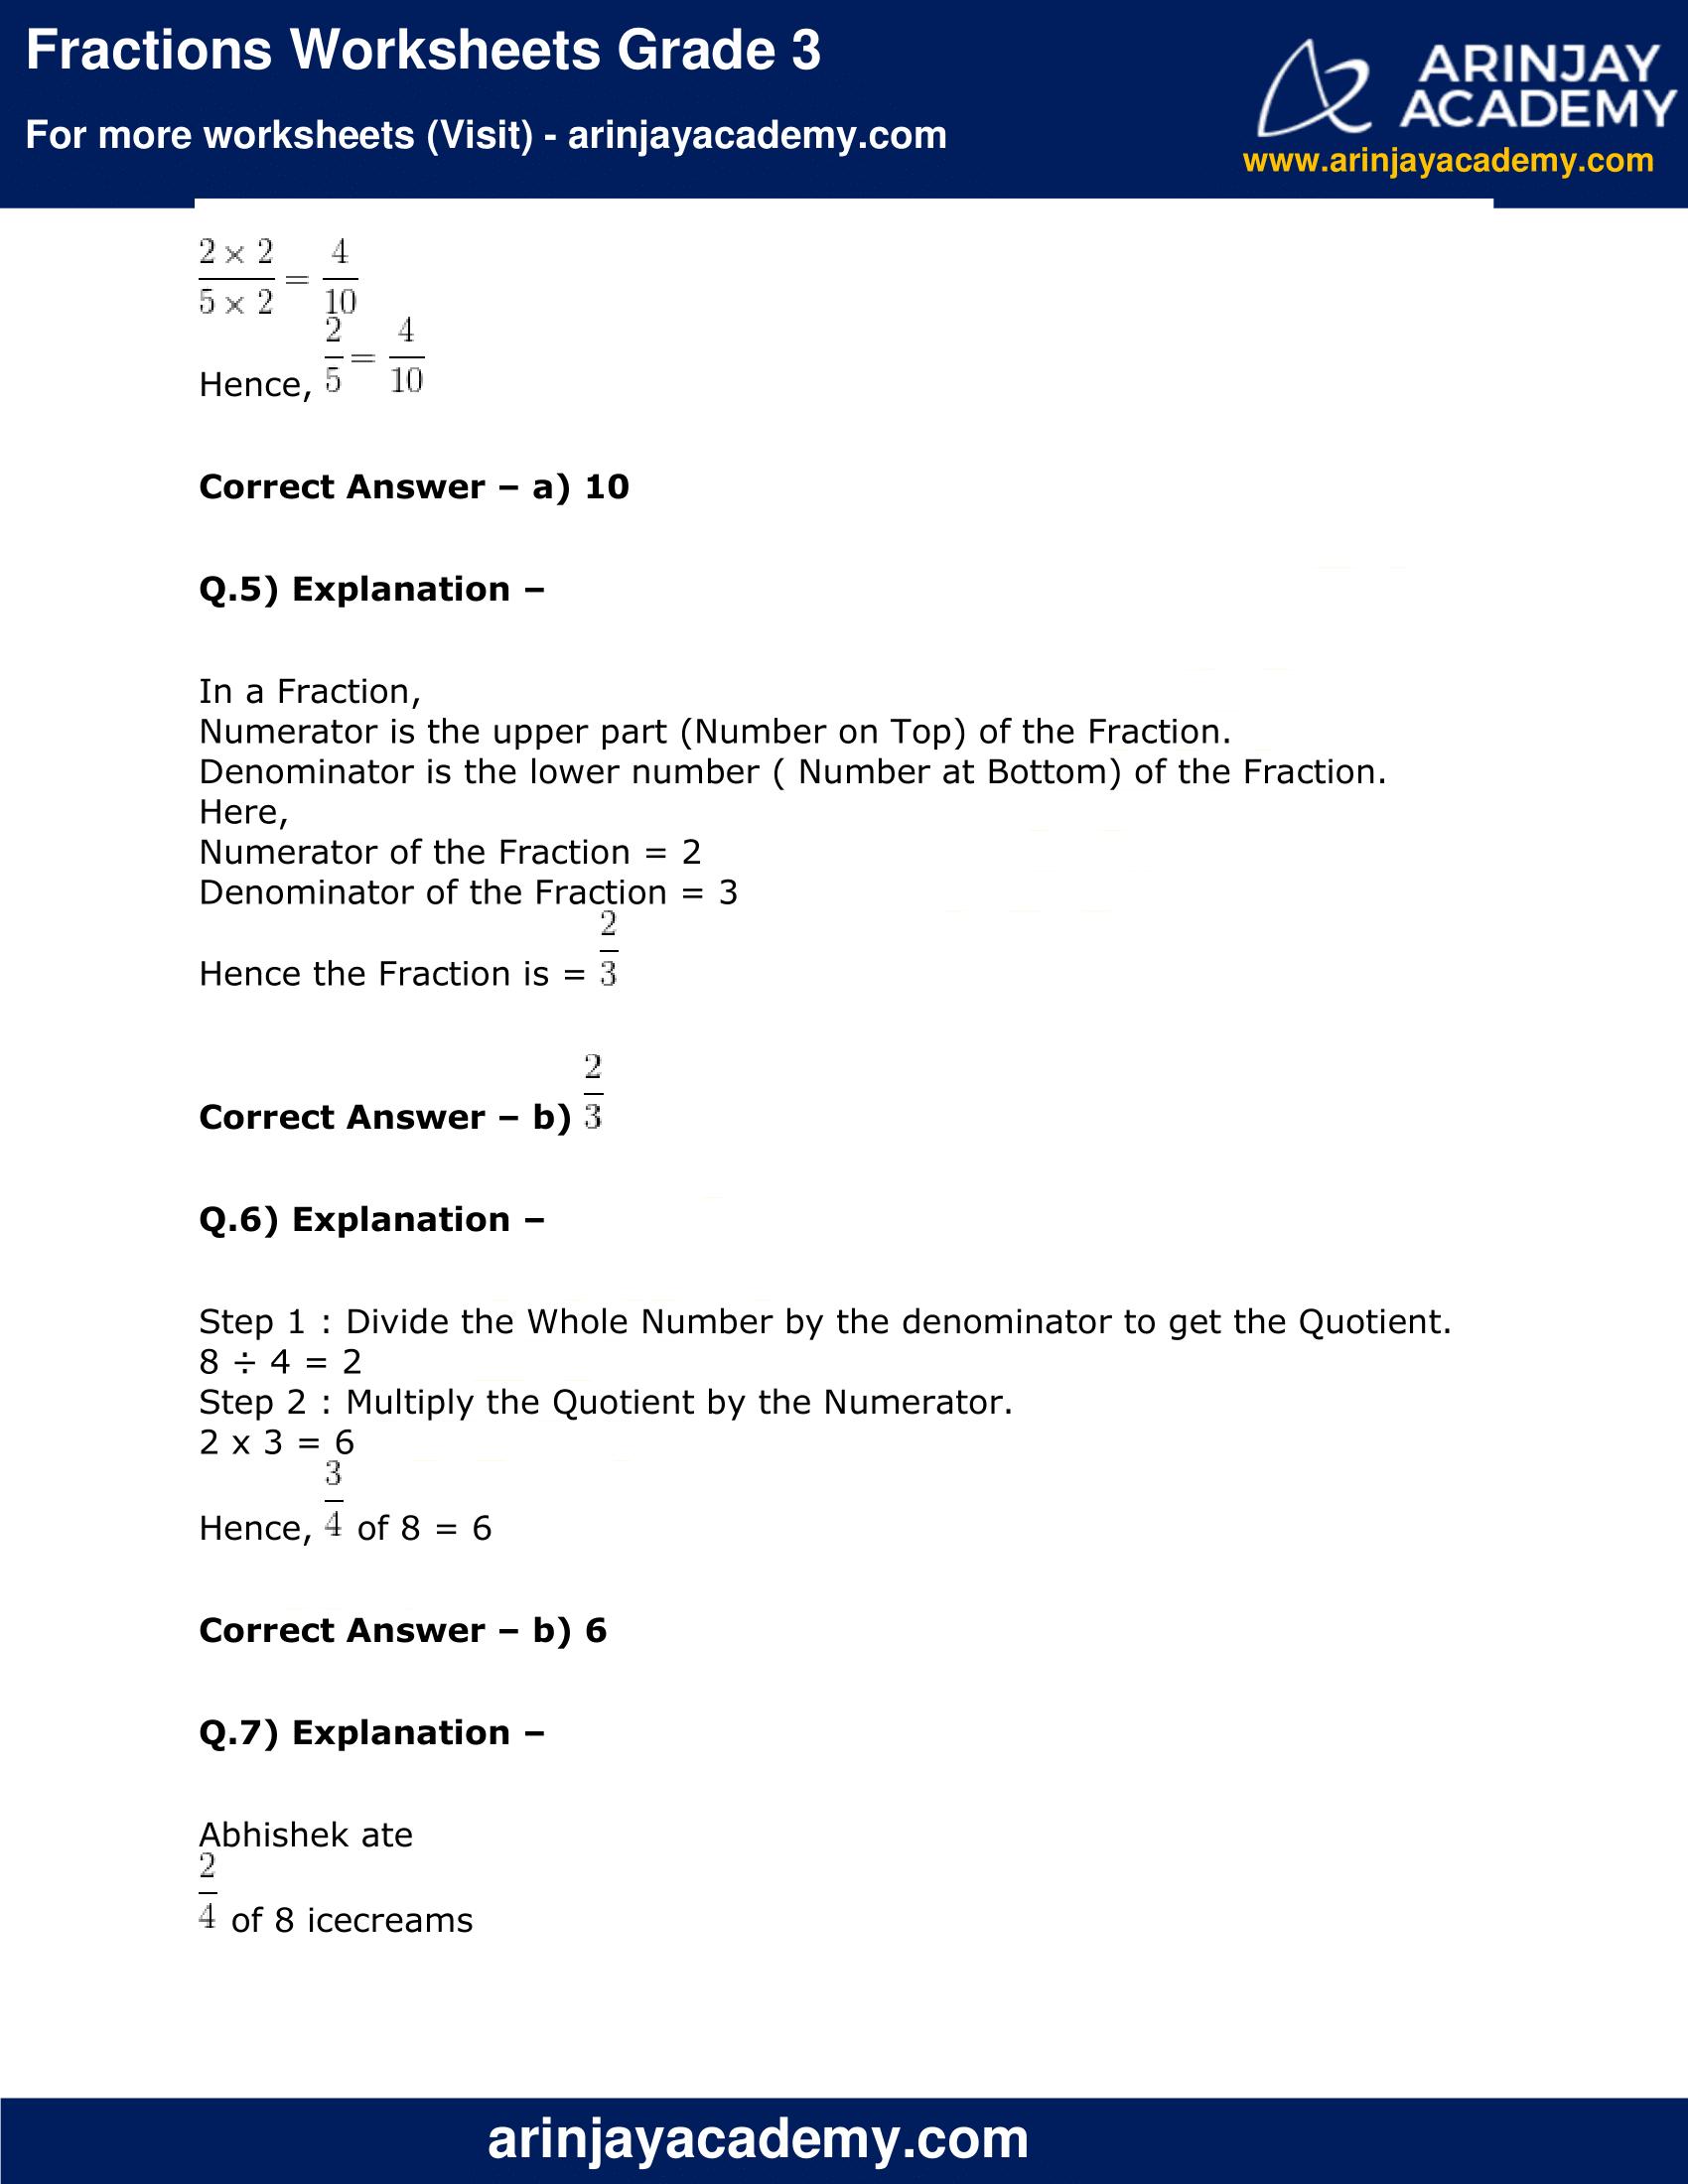 Fractions Worksheets Grade 3 image 5